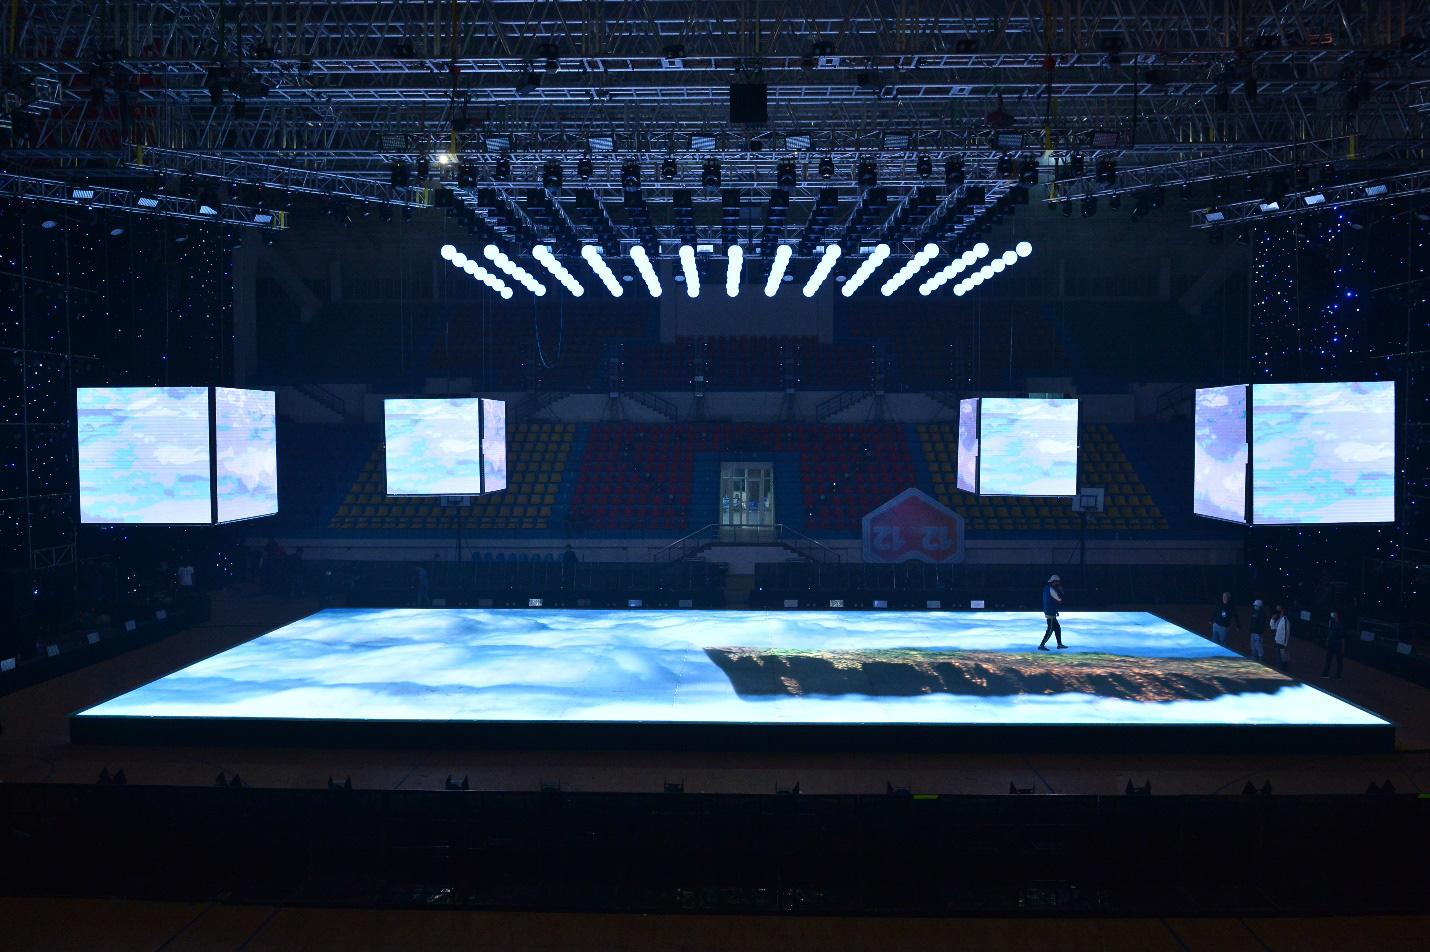 Sân khấu Lazada 12.12 Super Show trước giờ G: Đen Vâu, Jack, Dế Choắt... tích cực tập luyện, hứa hẹn một đêm nhạc hội đã tai, đã mắt - Ảnh 6.